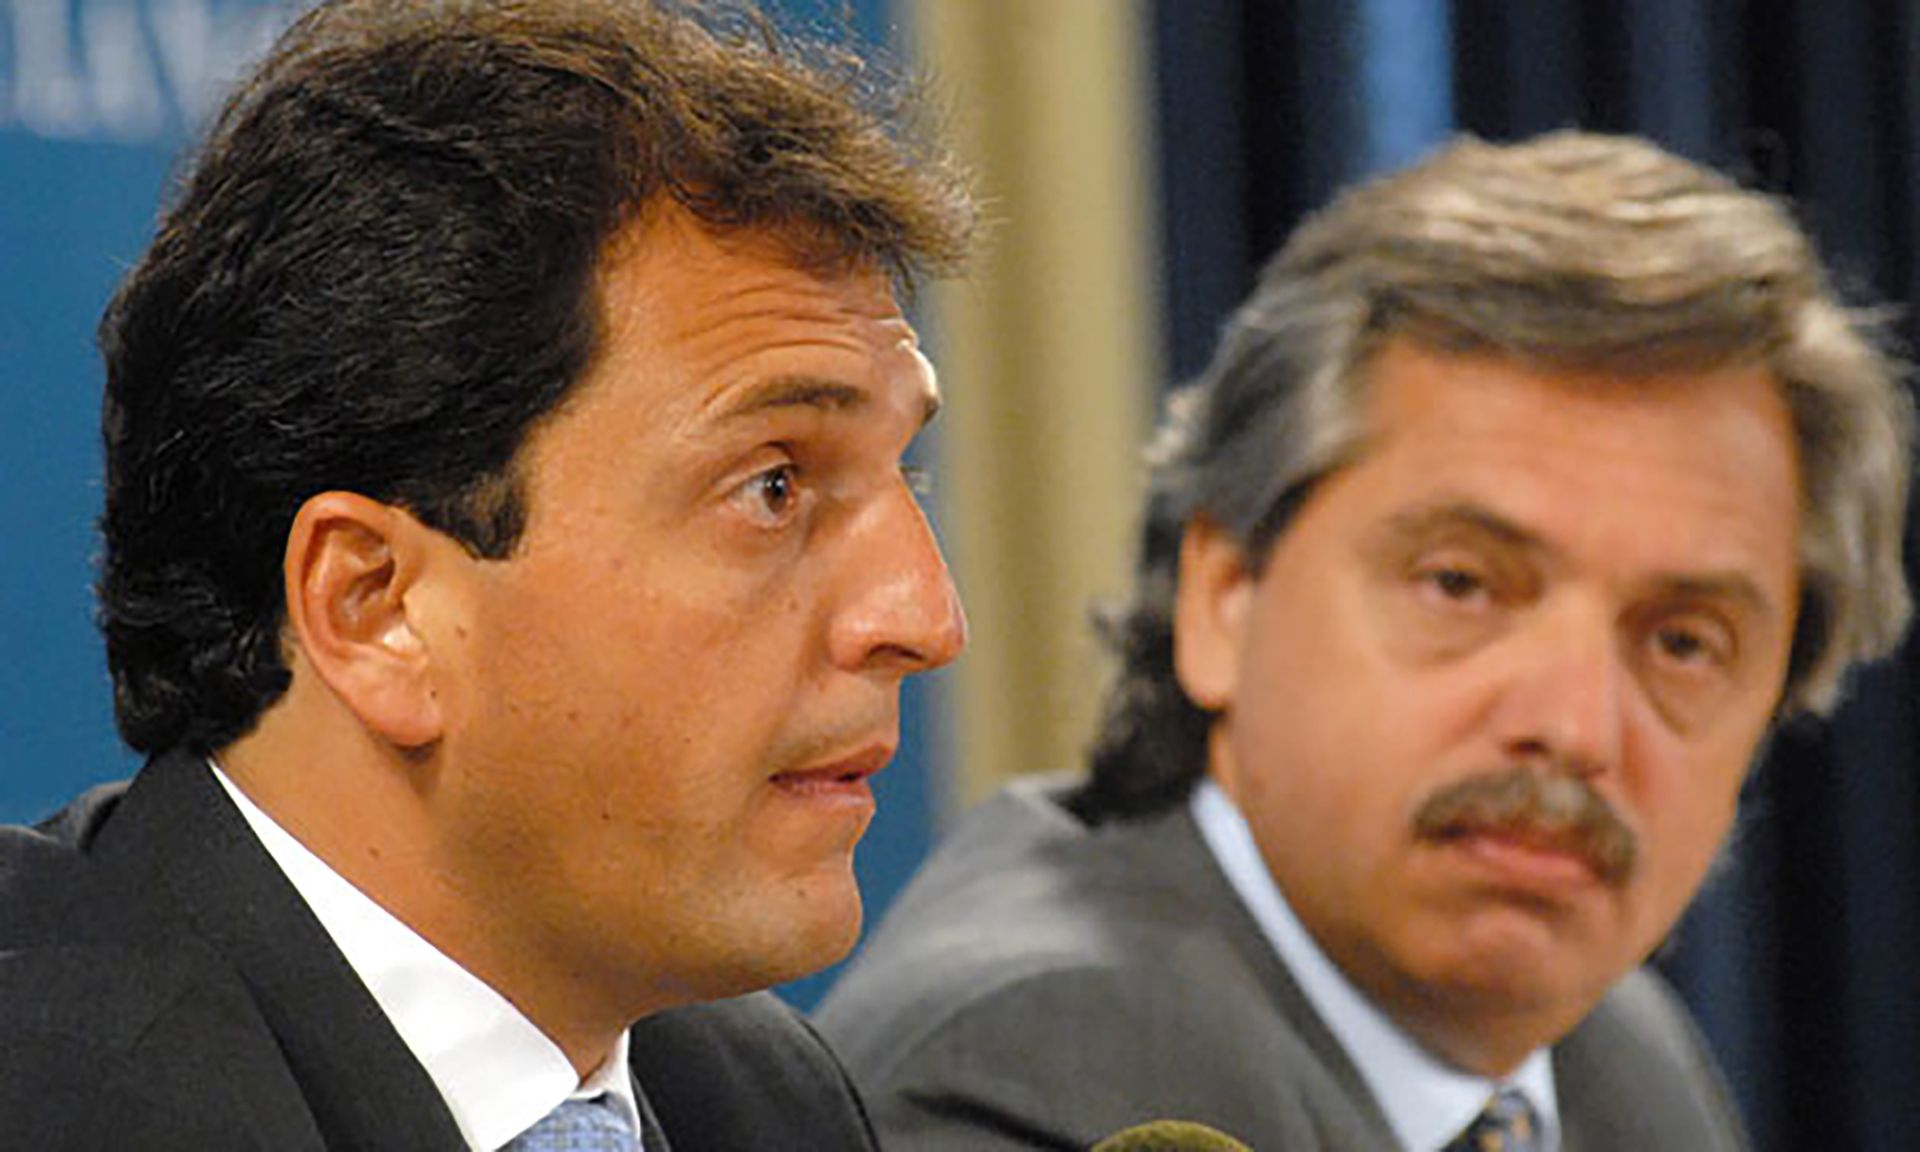 Con Sergio Massa, líder del Frente Renovador compartió funciones en el Gobierno de Néstor Kirchner desde 2002 hasta 2007, cuando Massa ganó la intendencia de Tigre. Después, lo reemplazó en la Jefatura de Gabinete.